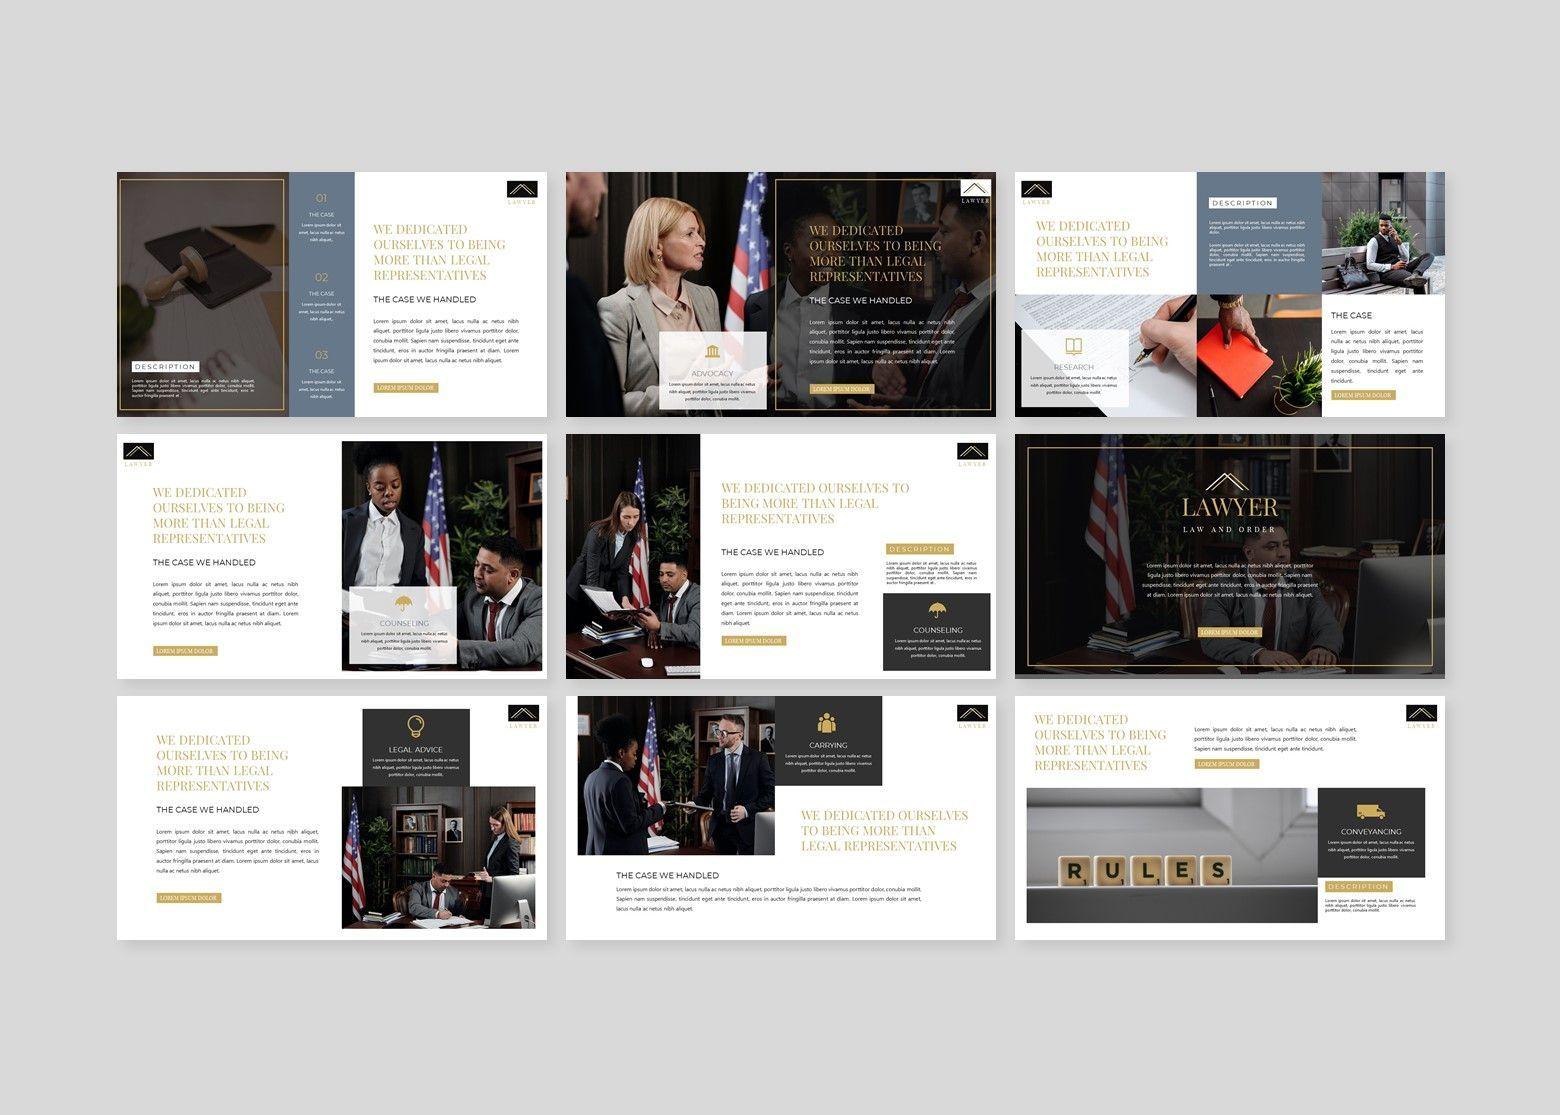 Avocat Lawyer PowerPoint Template, Slide 4, 08106, Business Models — PoweredTemplate.com